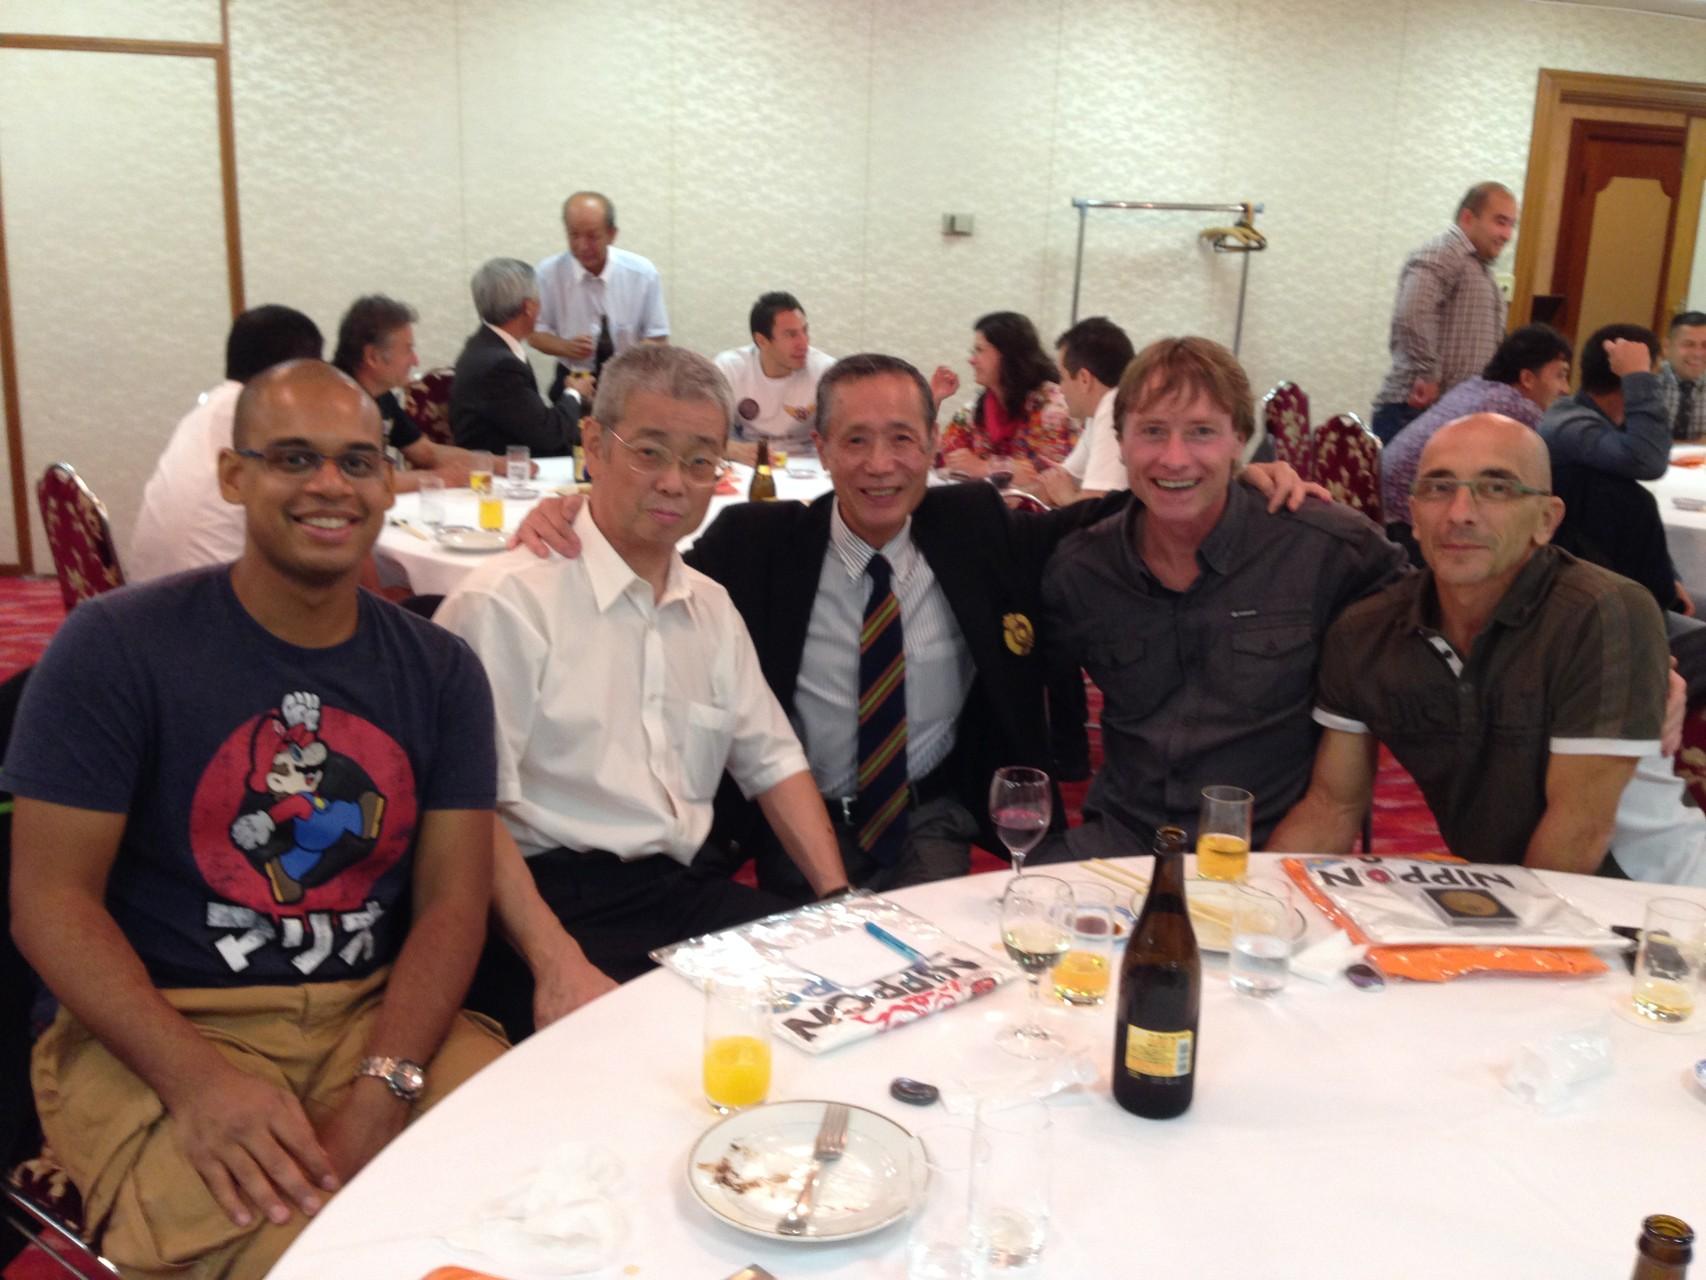 De droite à gauche : Bruno Lhermitte (La Réunion, France) Alexis Ulmer (La Réunion, France), Yutaka Dohi (Tokyo, Japon), Shumpei Saito (Tokyo, Japon), P-A ANNA (Marseille, France)